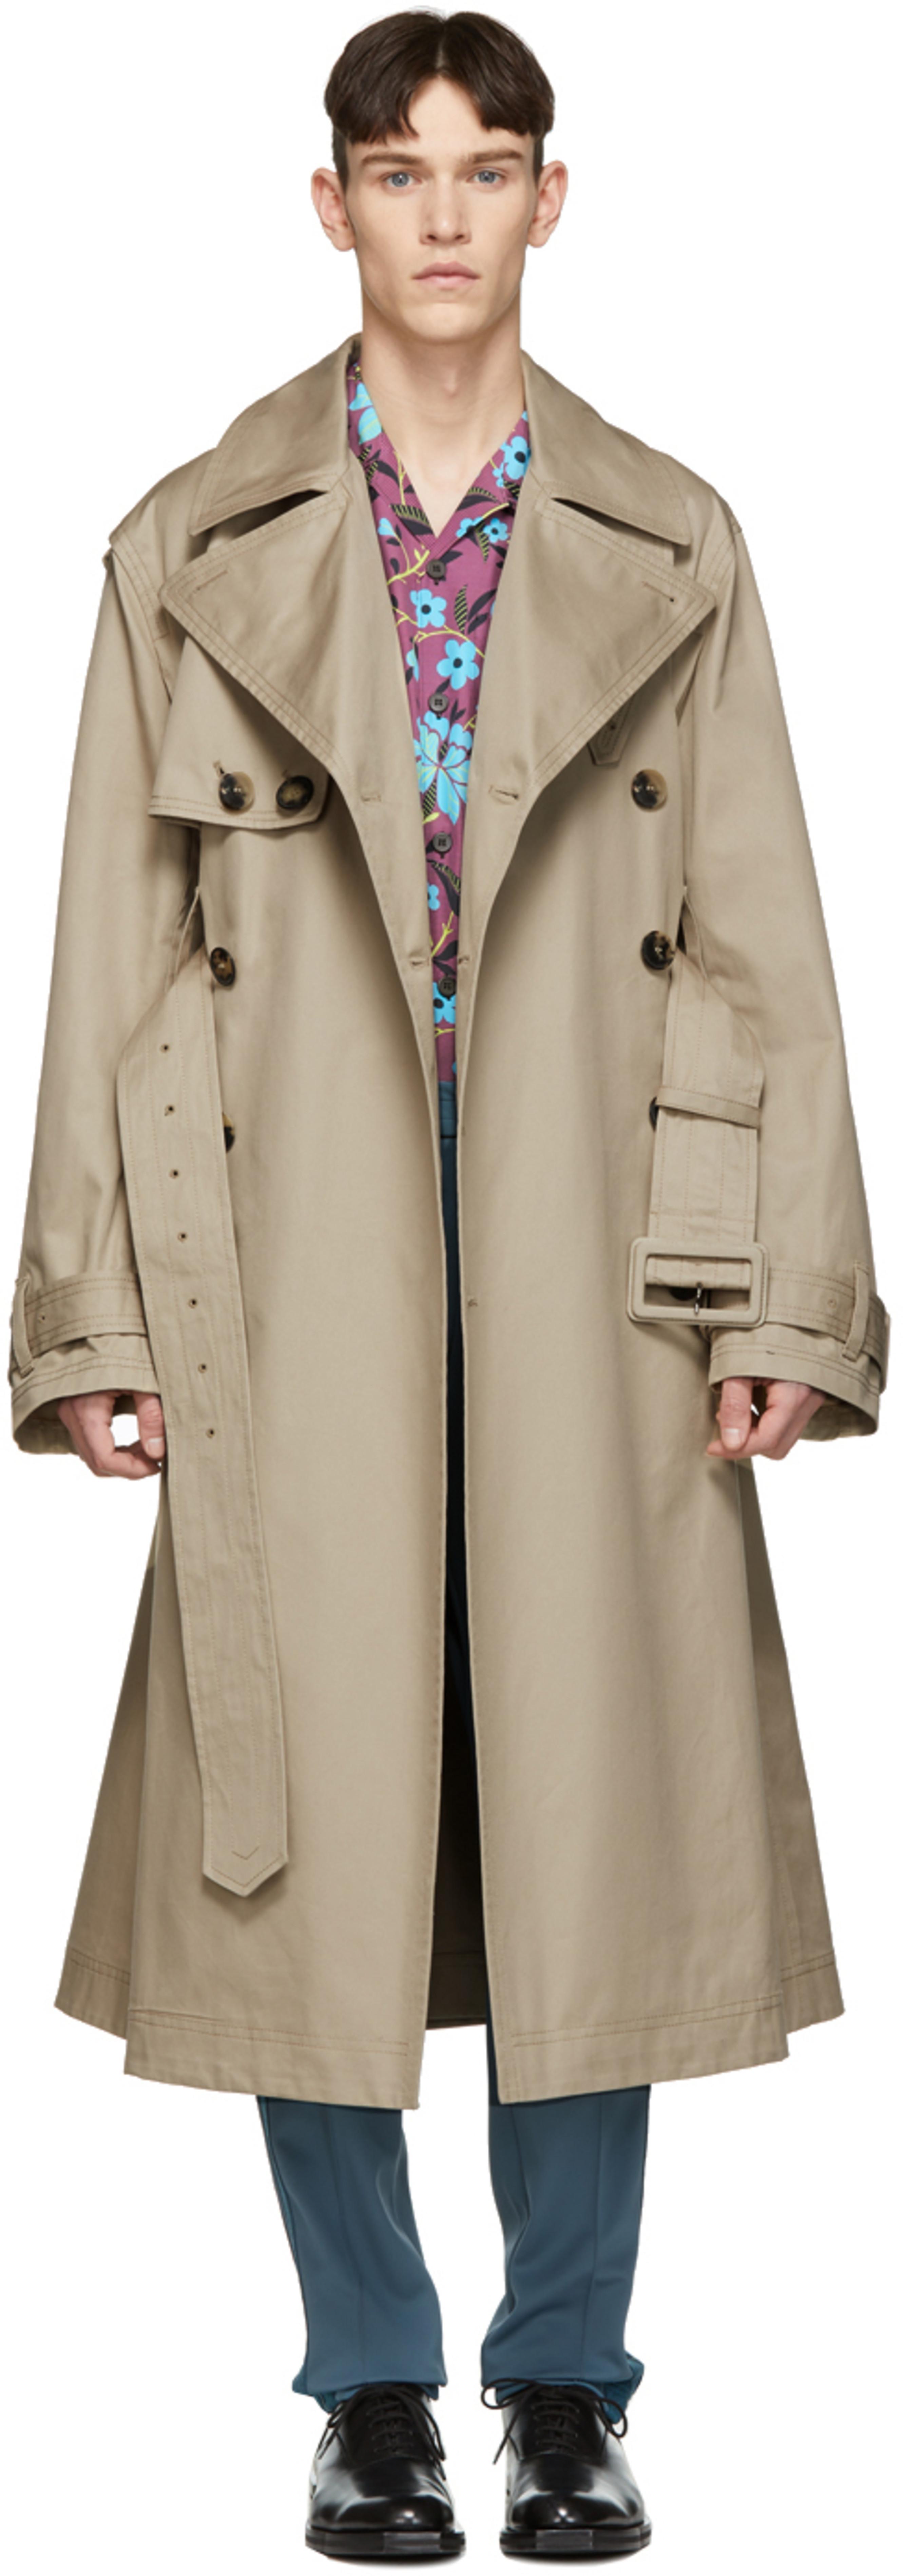 4d98a80e931e Designer trench coats for Men